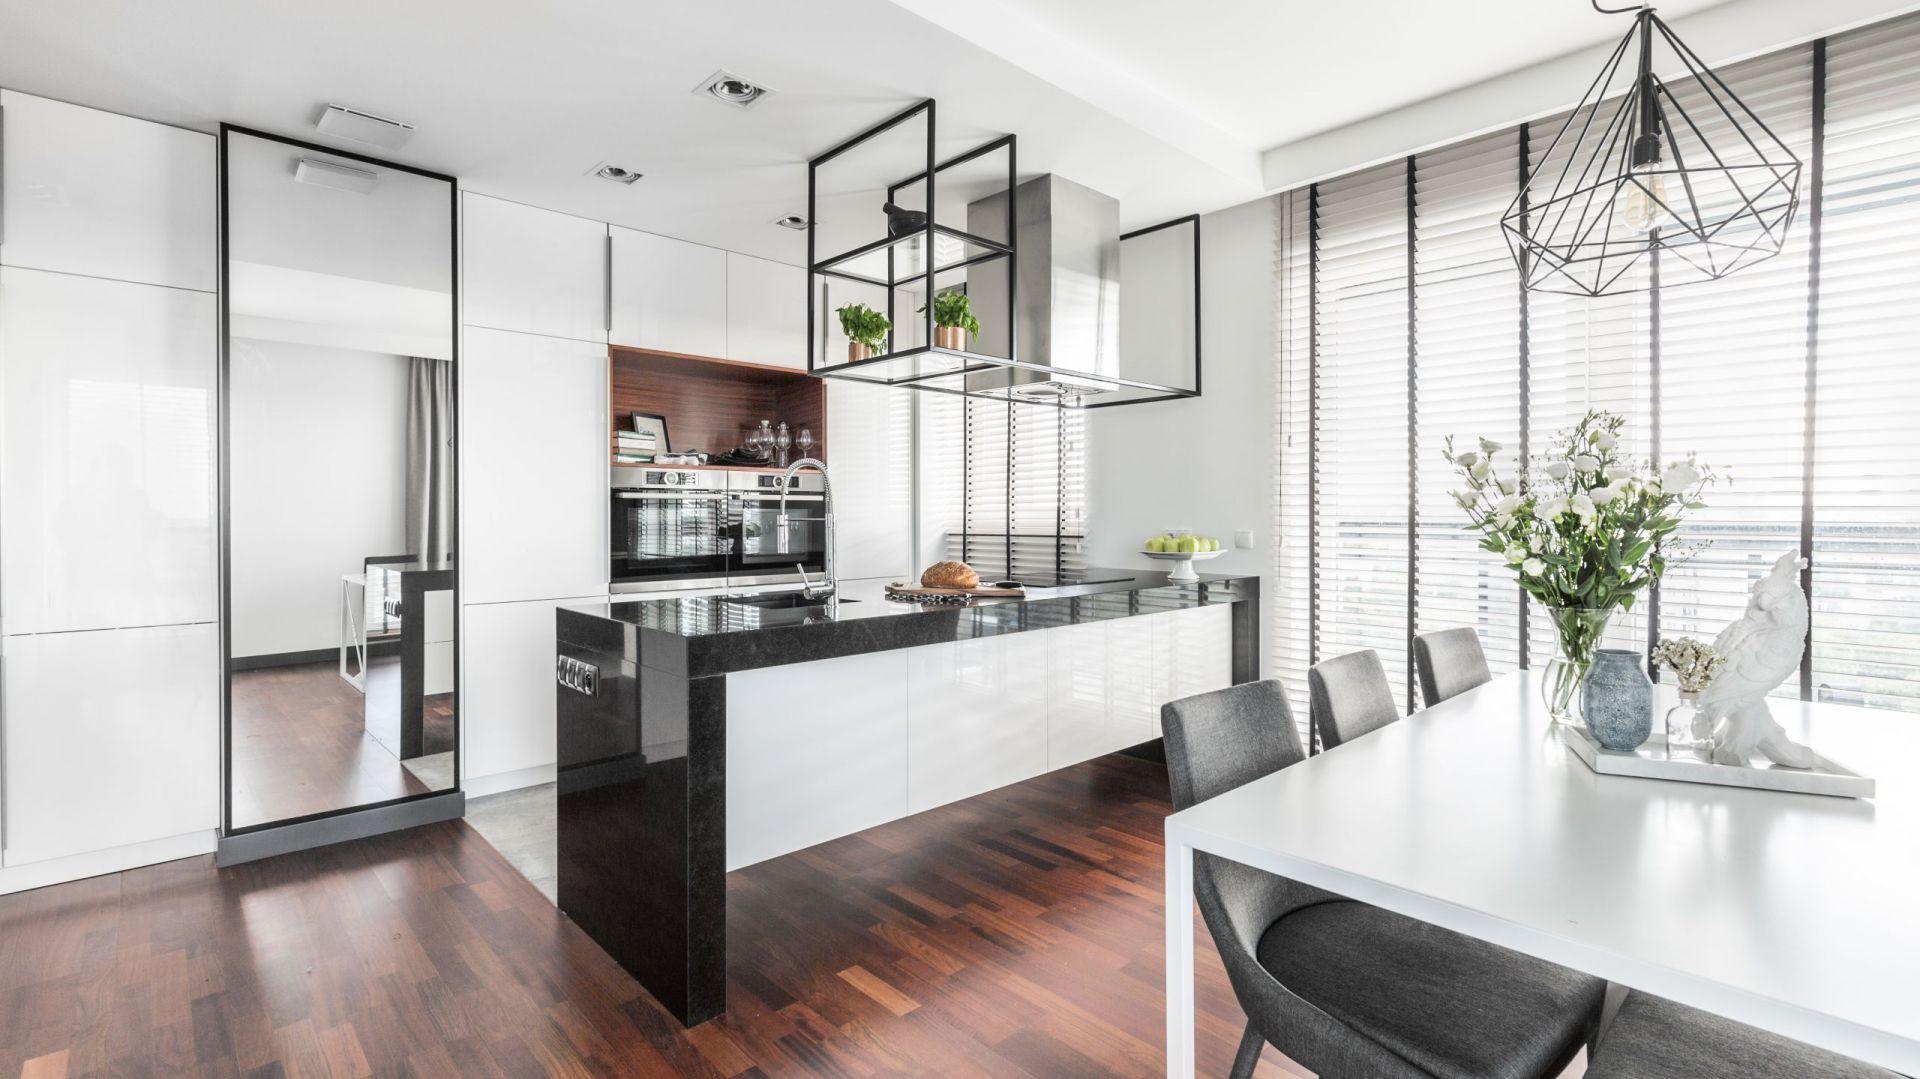 Kuchnia Z Wyspą 20 Projektów Architektów